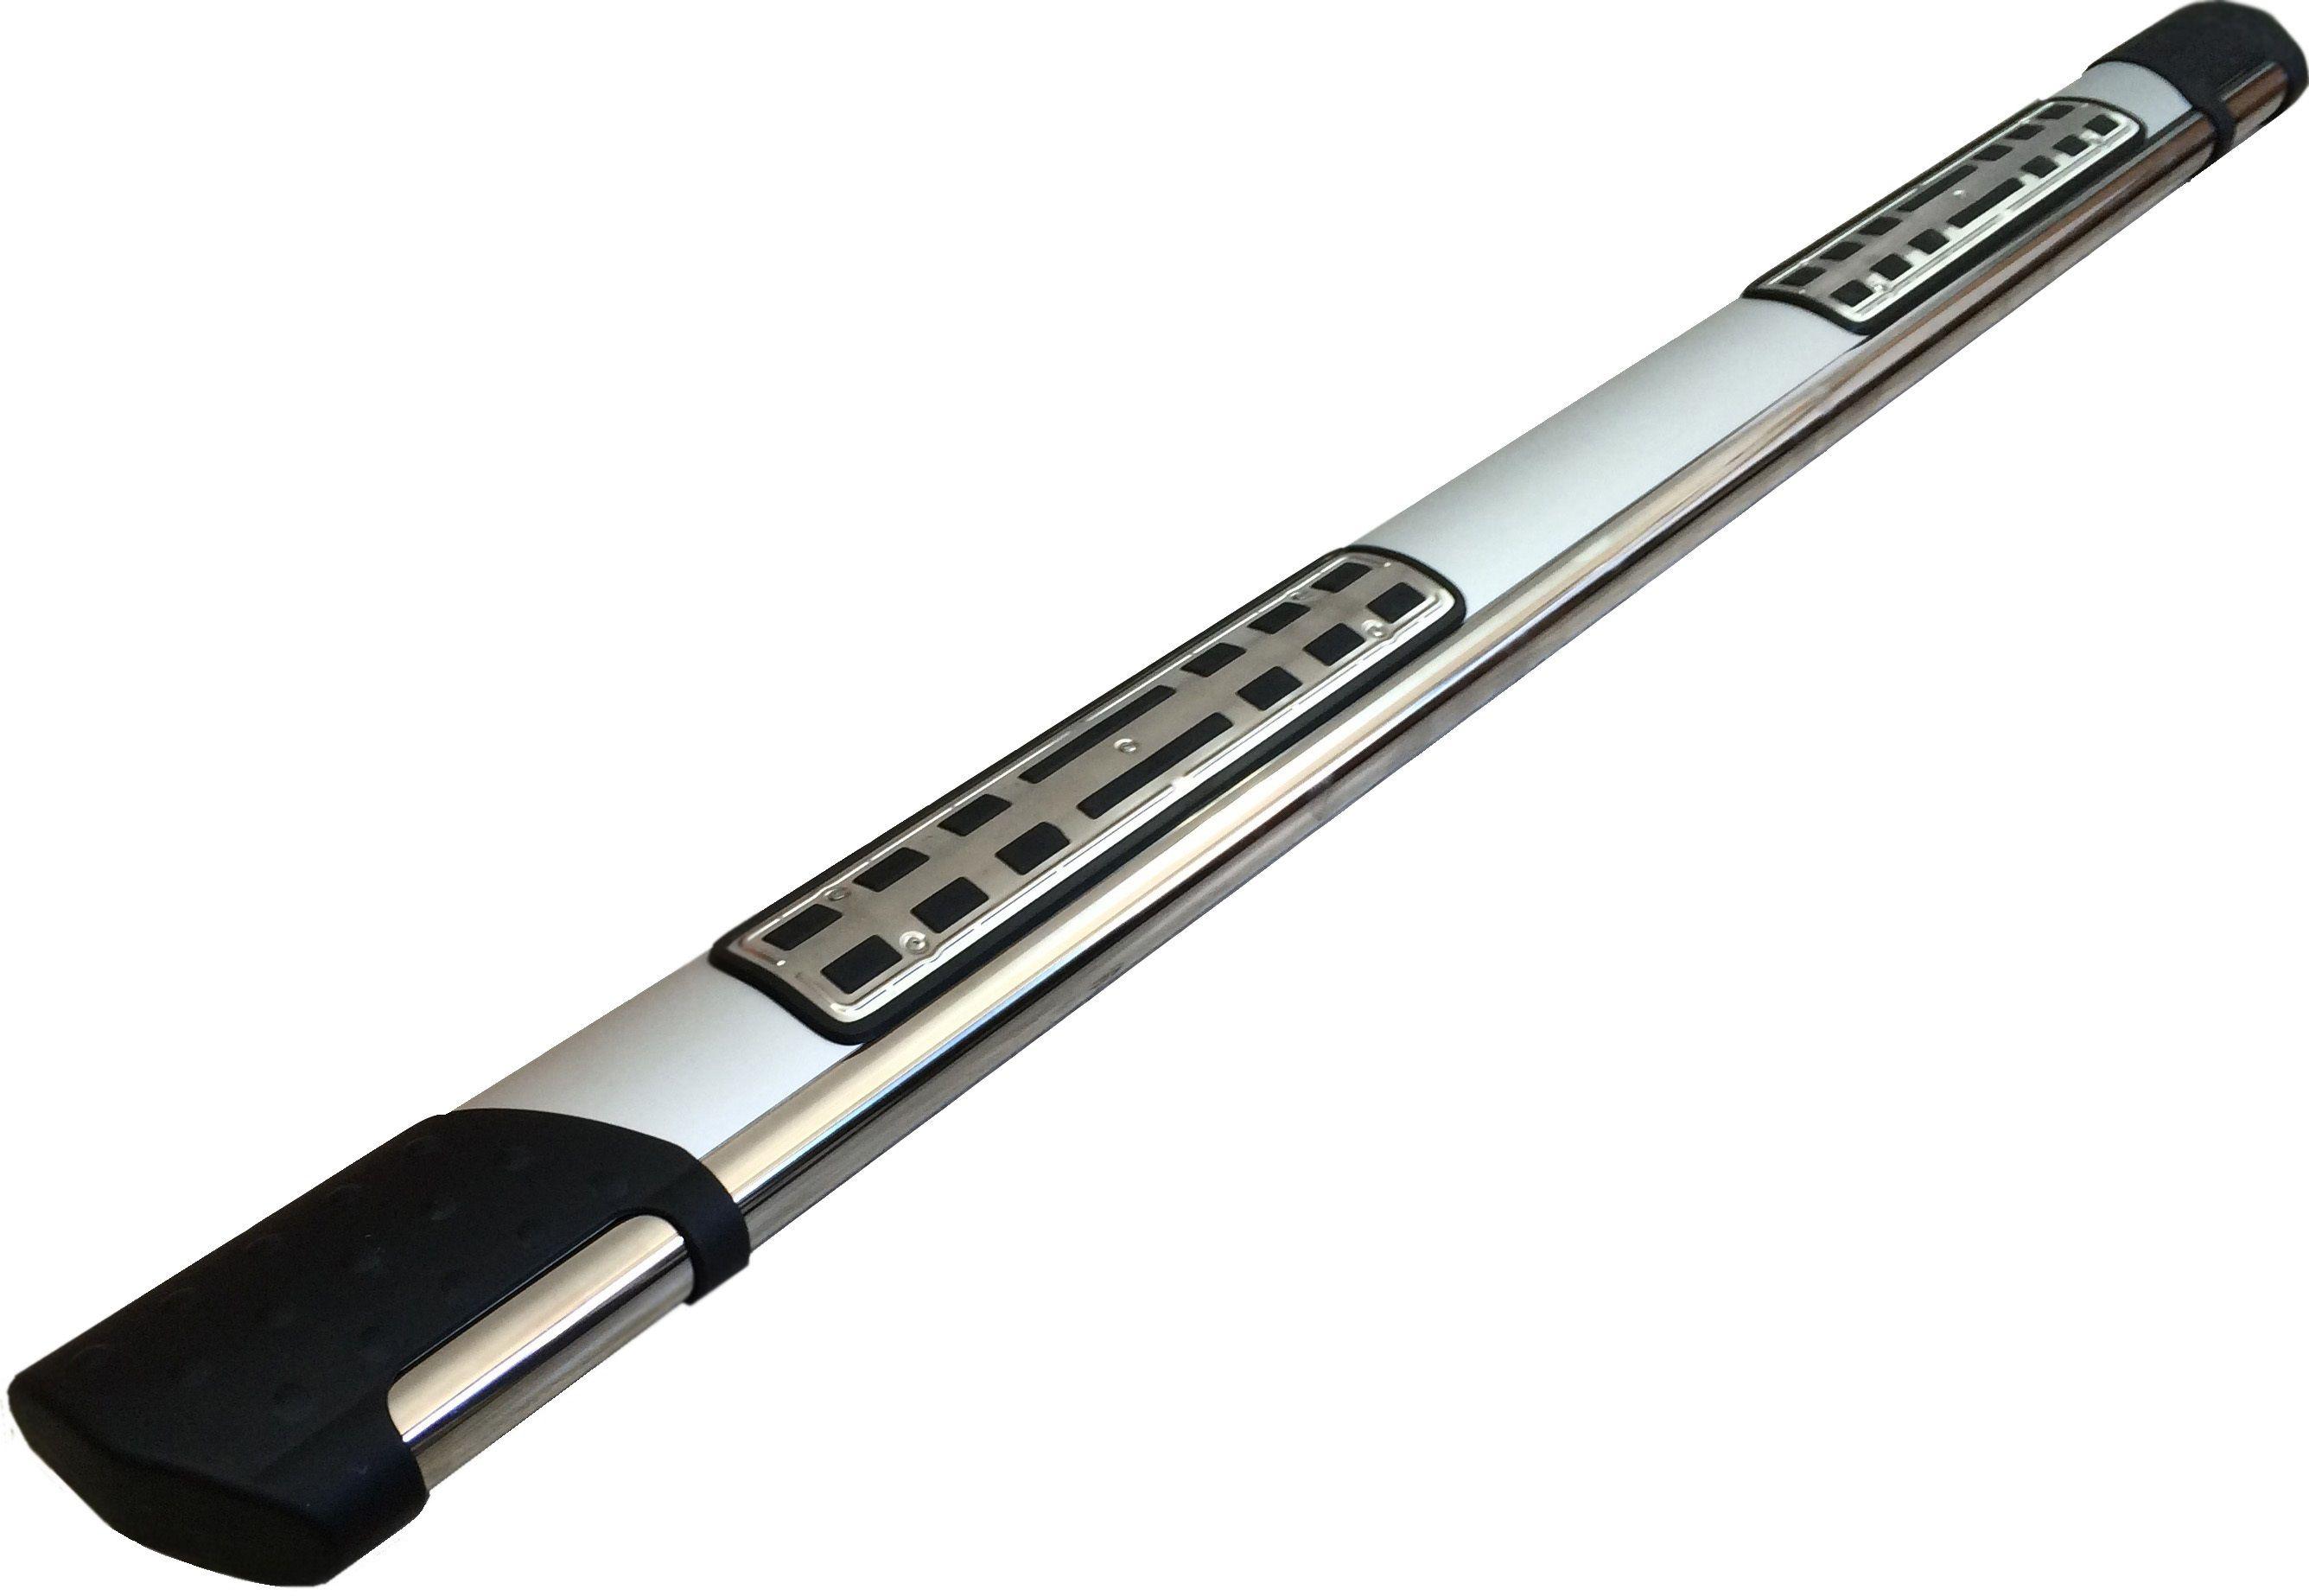 Пороги CAN OTOMOTIV алюминиевые (Emerald silver ) Volkswagen Touareg (Туарег) (2004-) от Ravta